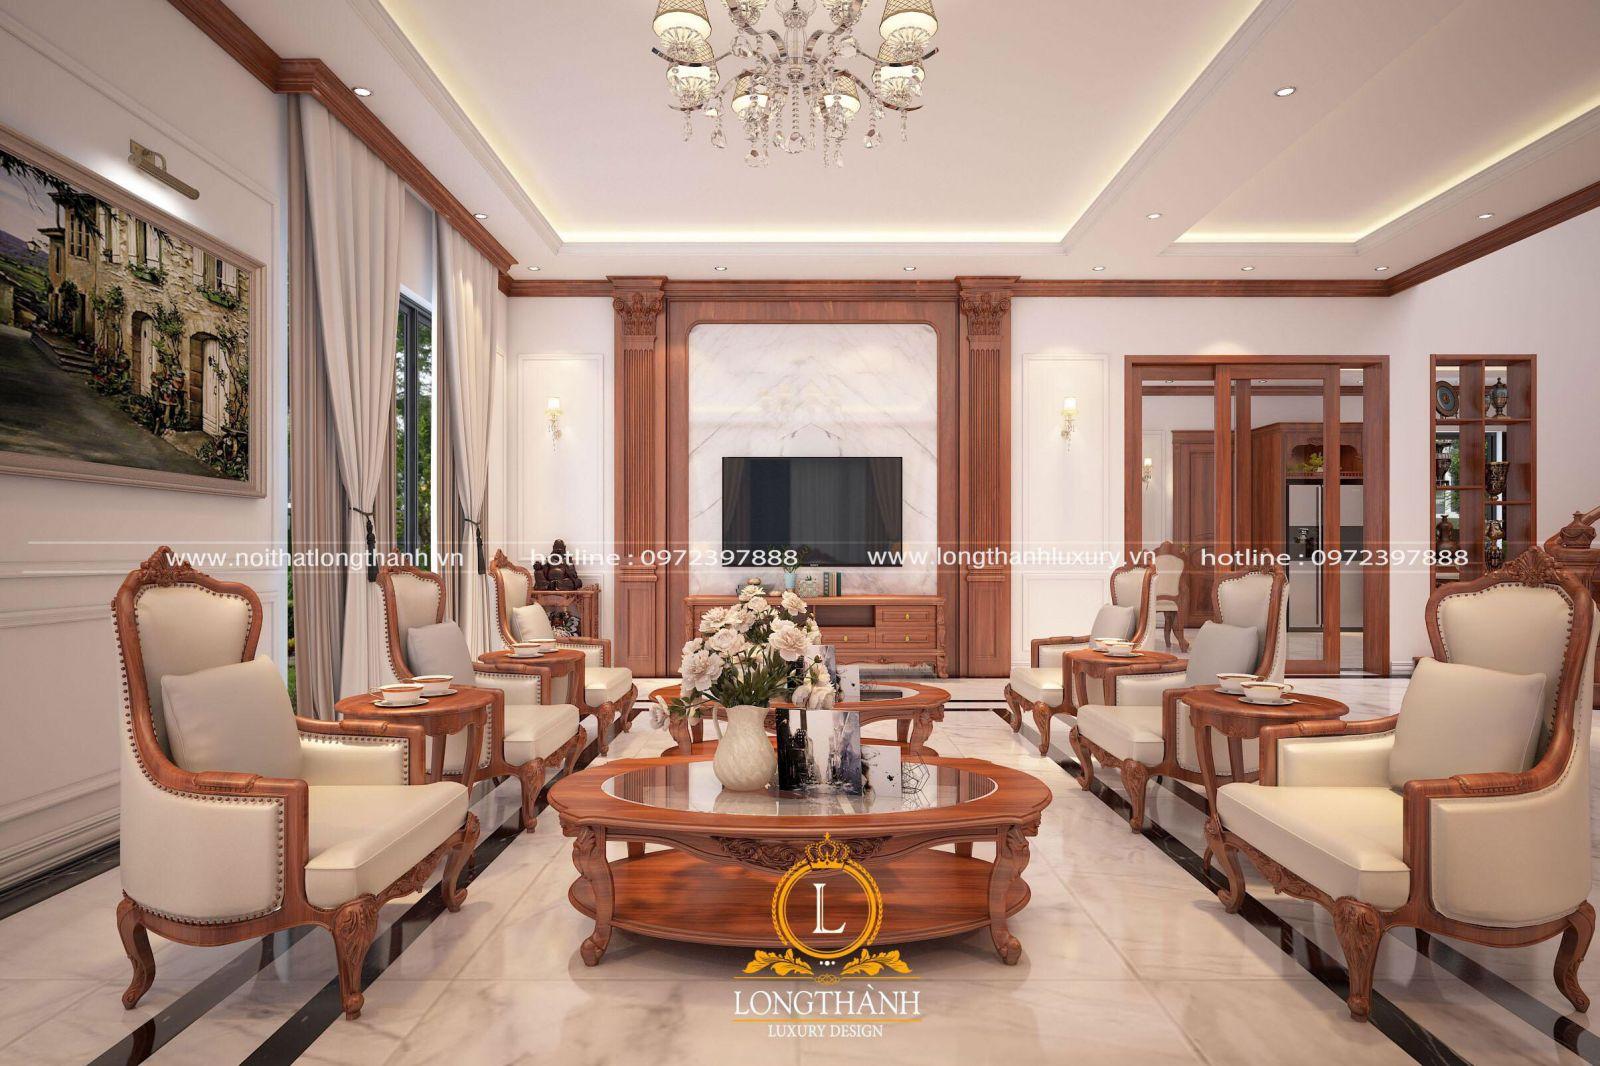 Thiết kế phòng khách linh hoạt phụ thuộc vào từng không gian